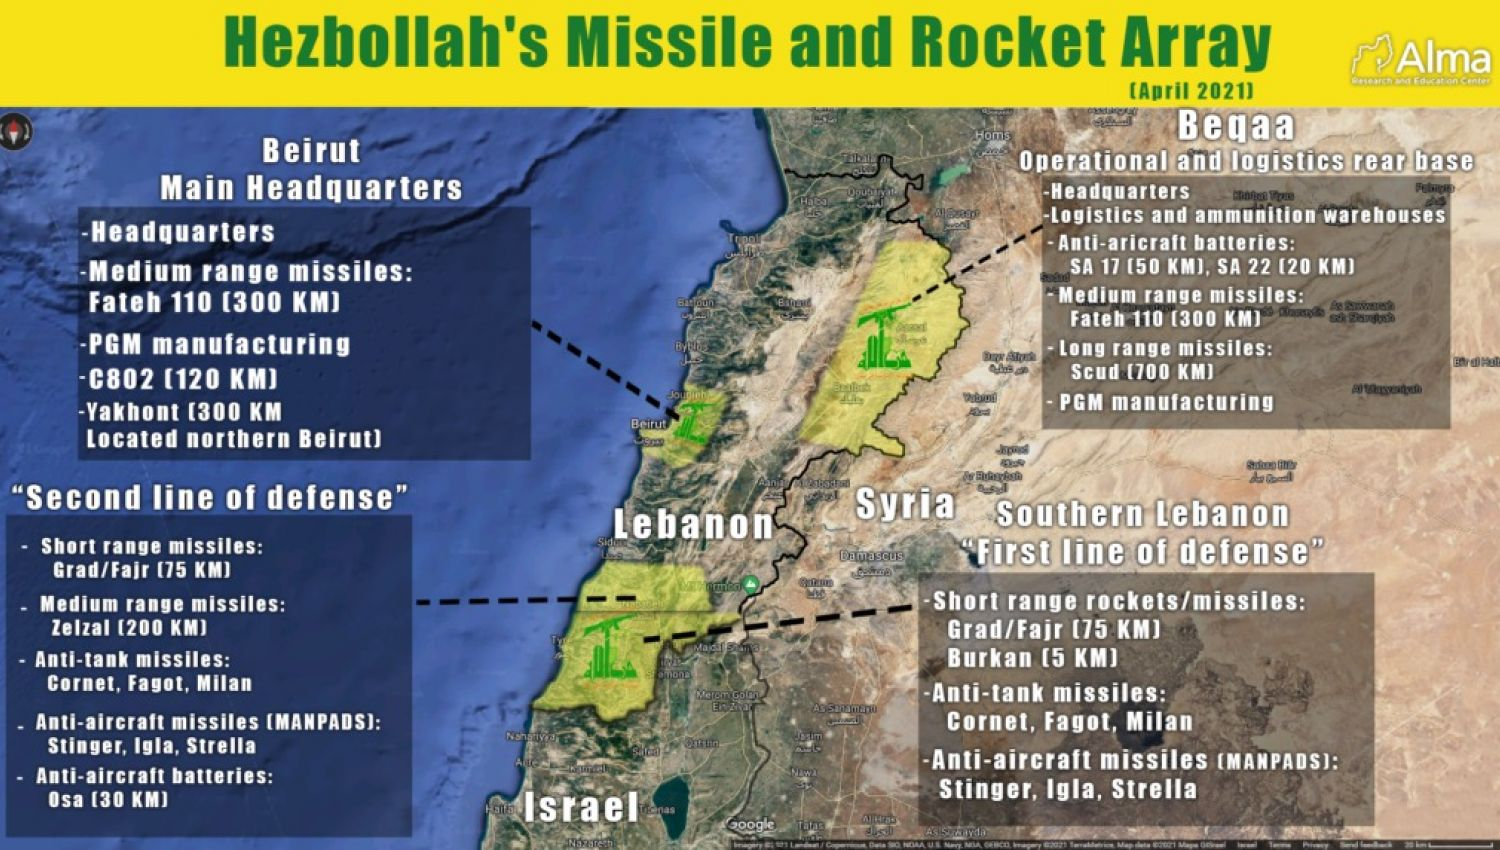 خريطة انتشار صواريخ حزب الله.. هدف استخباراتي أم ذريعة للعدوان؟